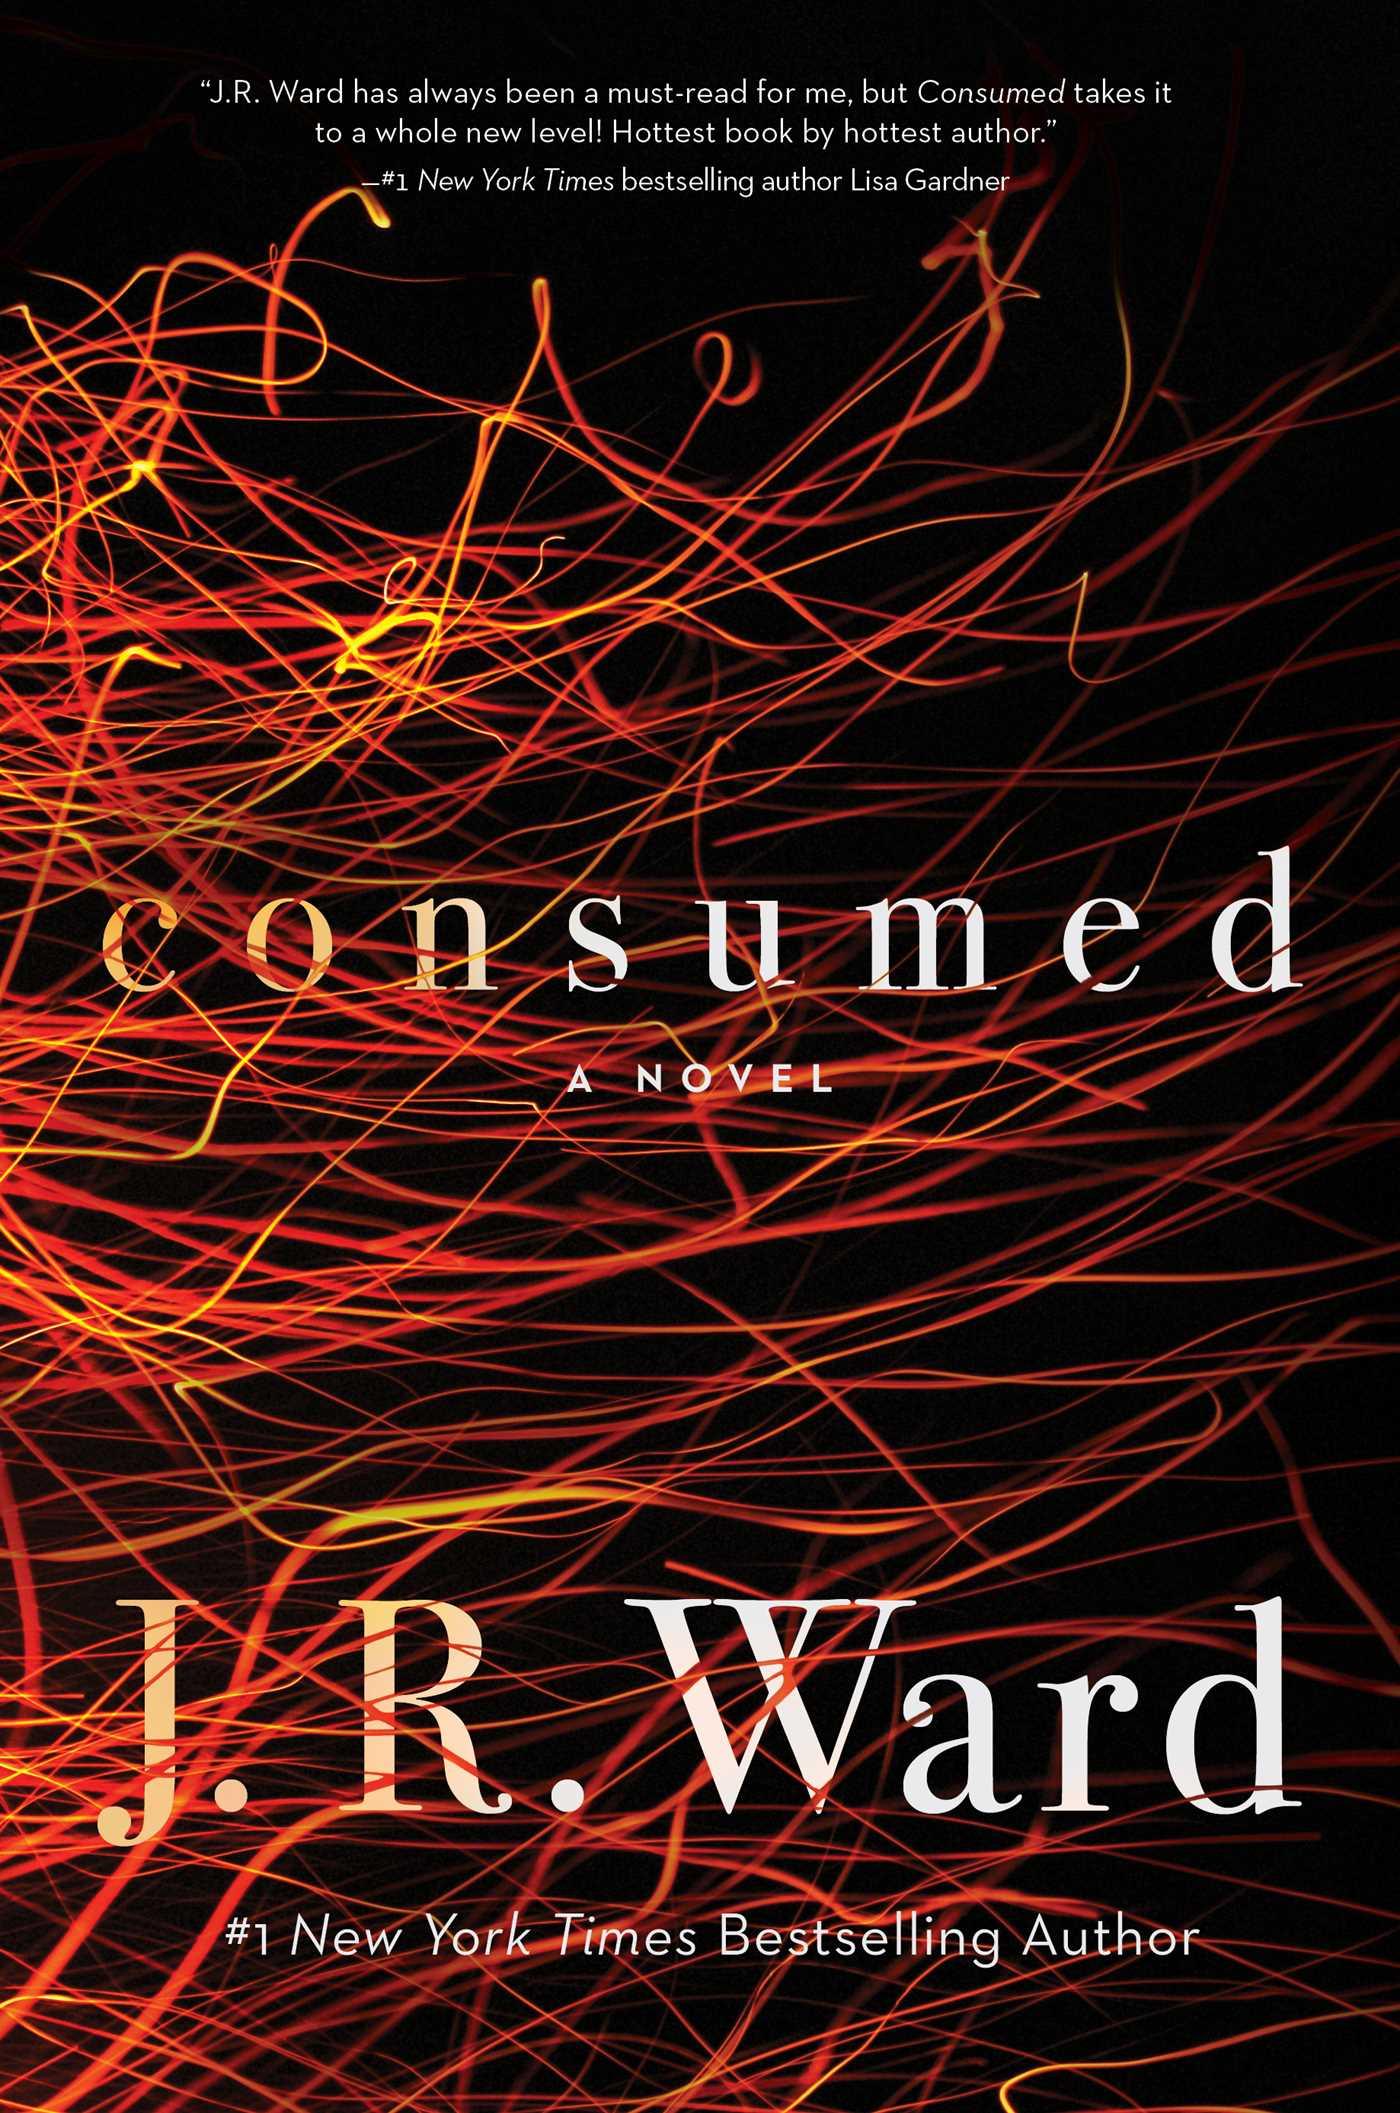 Ward, J.R. Consumed.